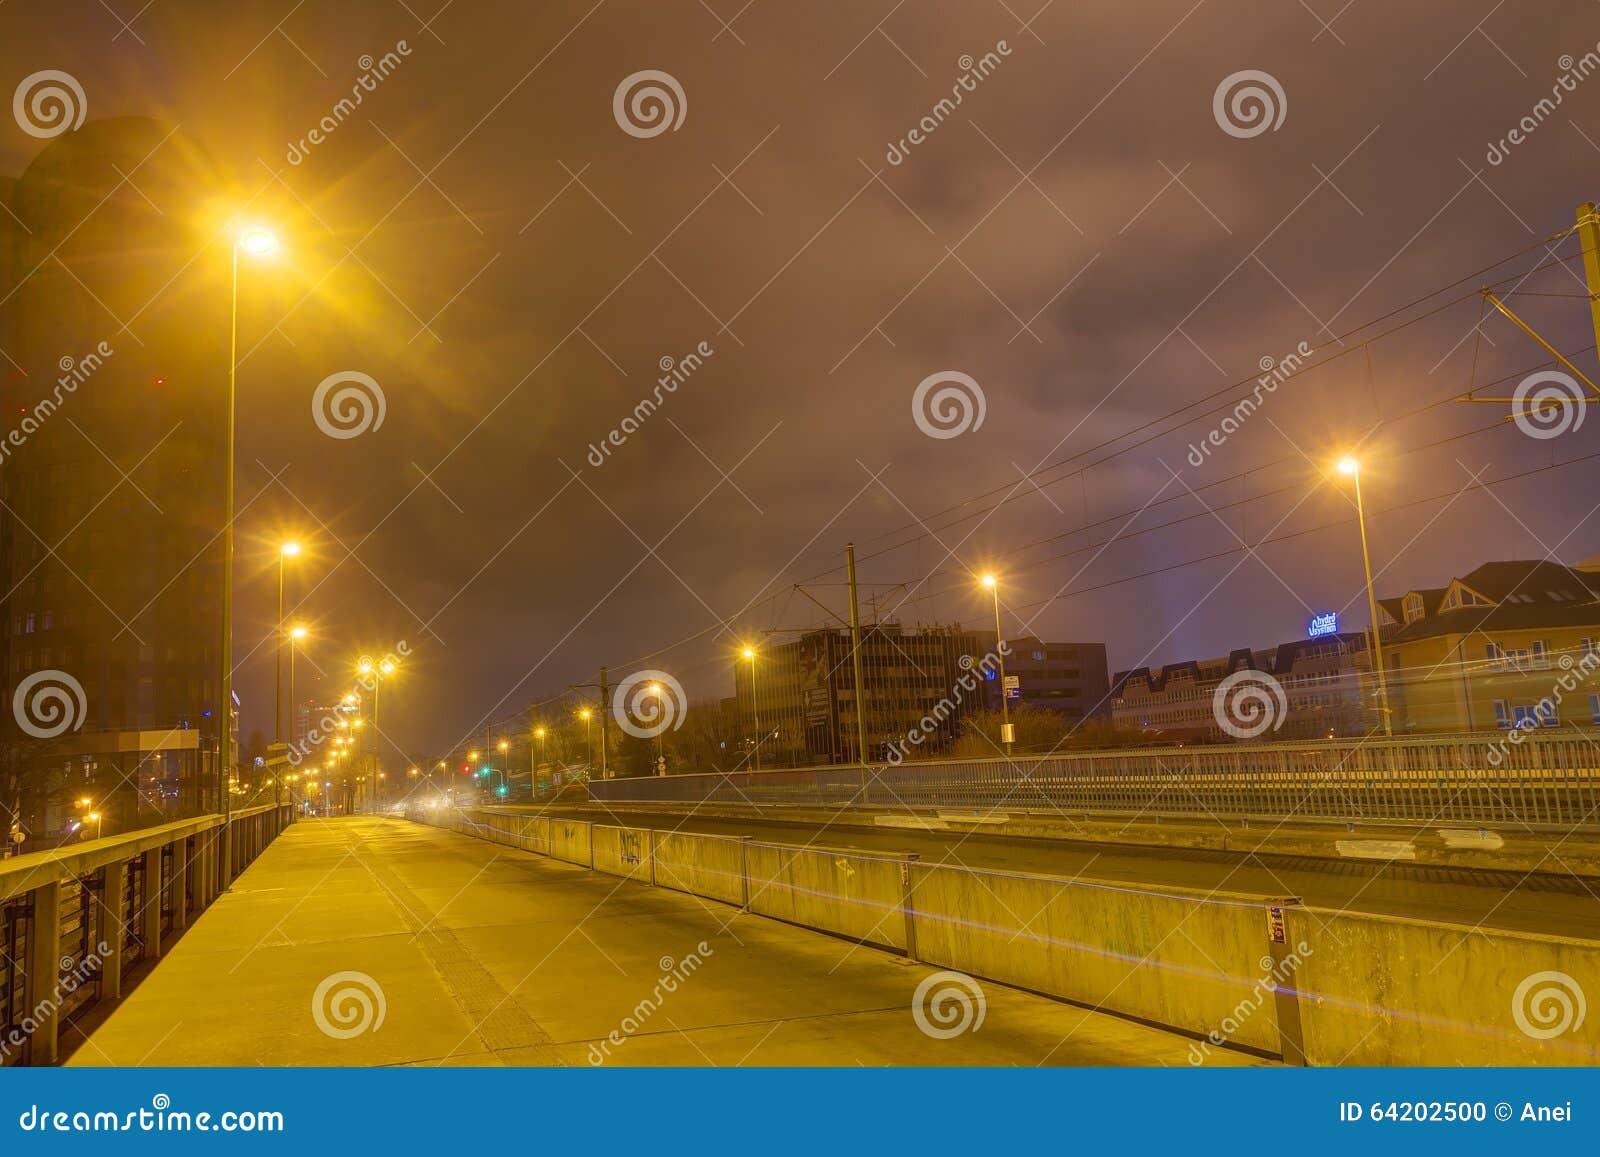 Un puente y un camino en la noche con las luces brillantes en ambos lados